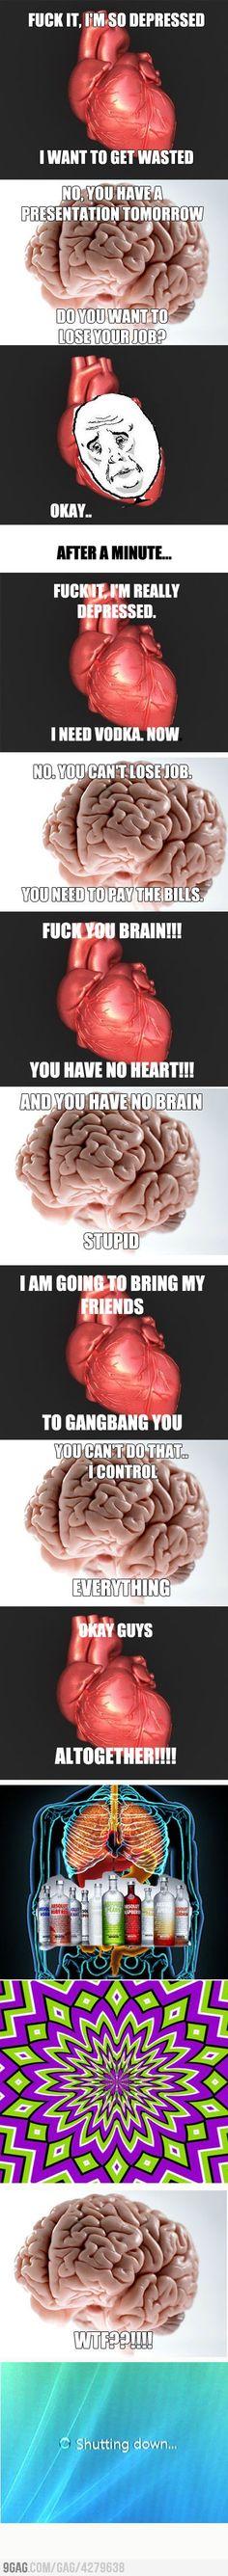 Hahahahahahahahaha lmfao